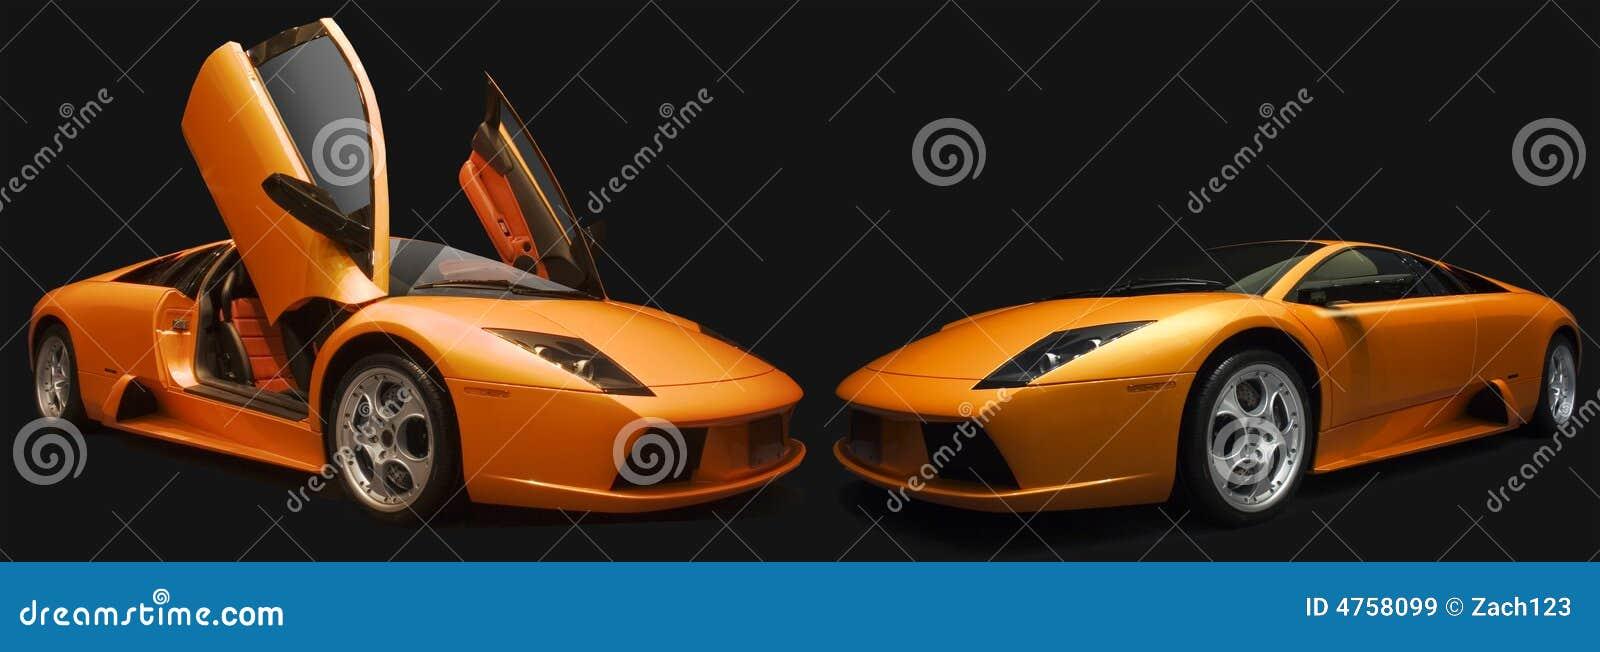 Pomarańcze lamborghinis 2